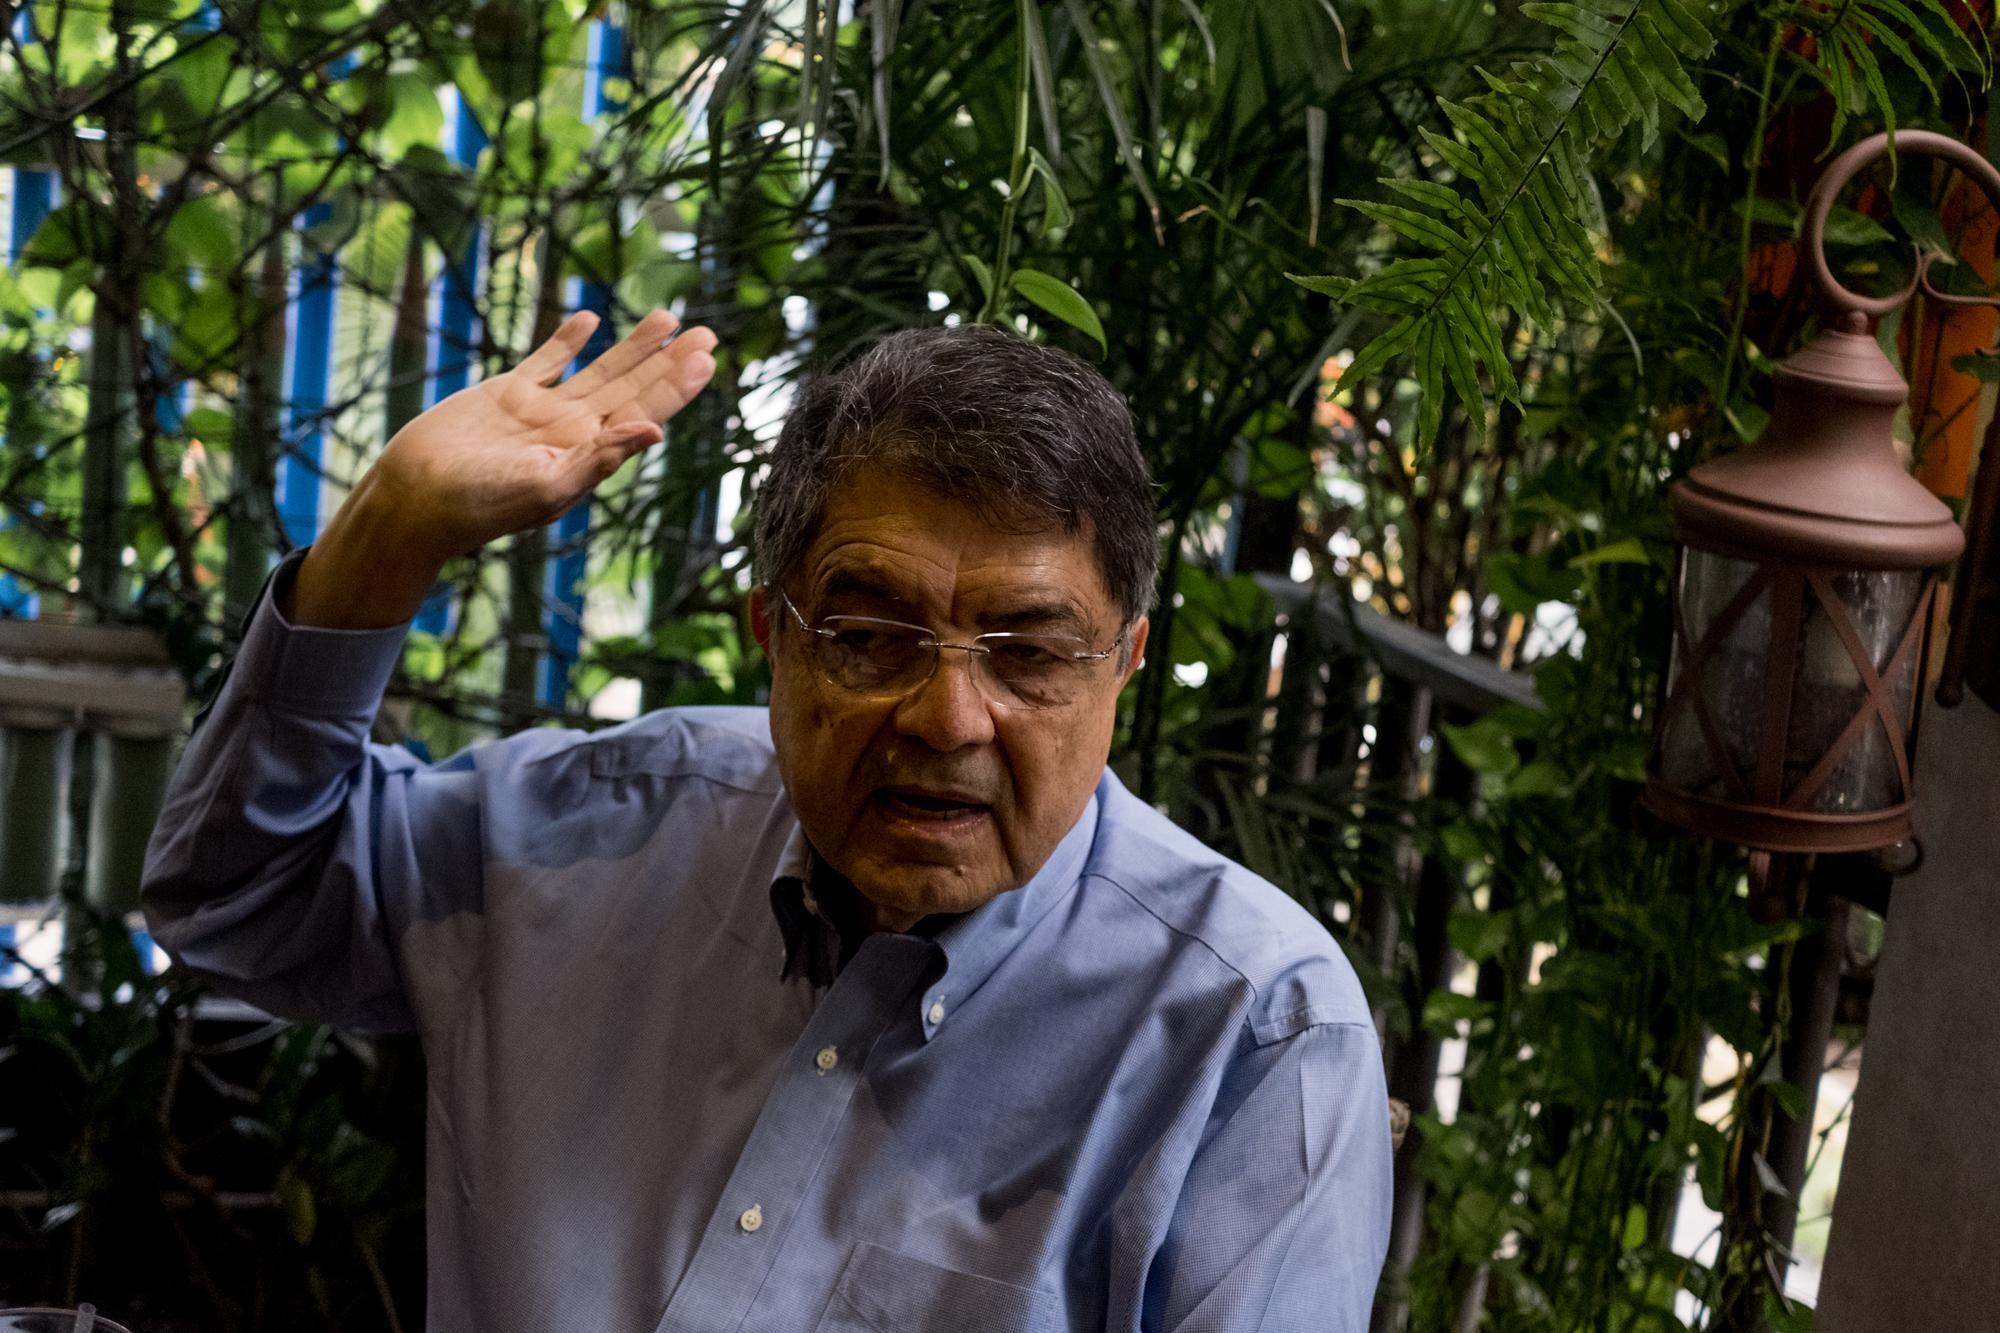 """Hace ocho meses, mientras recibía en Alcalá de Henares el Premio Cervantes de Literatura, Ramírez dijo:""""Permítanme dedicar este premio a la memoria de los nicaragüenses que en los últimos días han sido asesinados en las calles por reclamar justicia y democracia"""